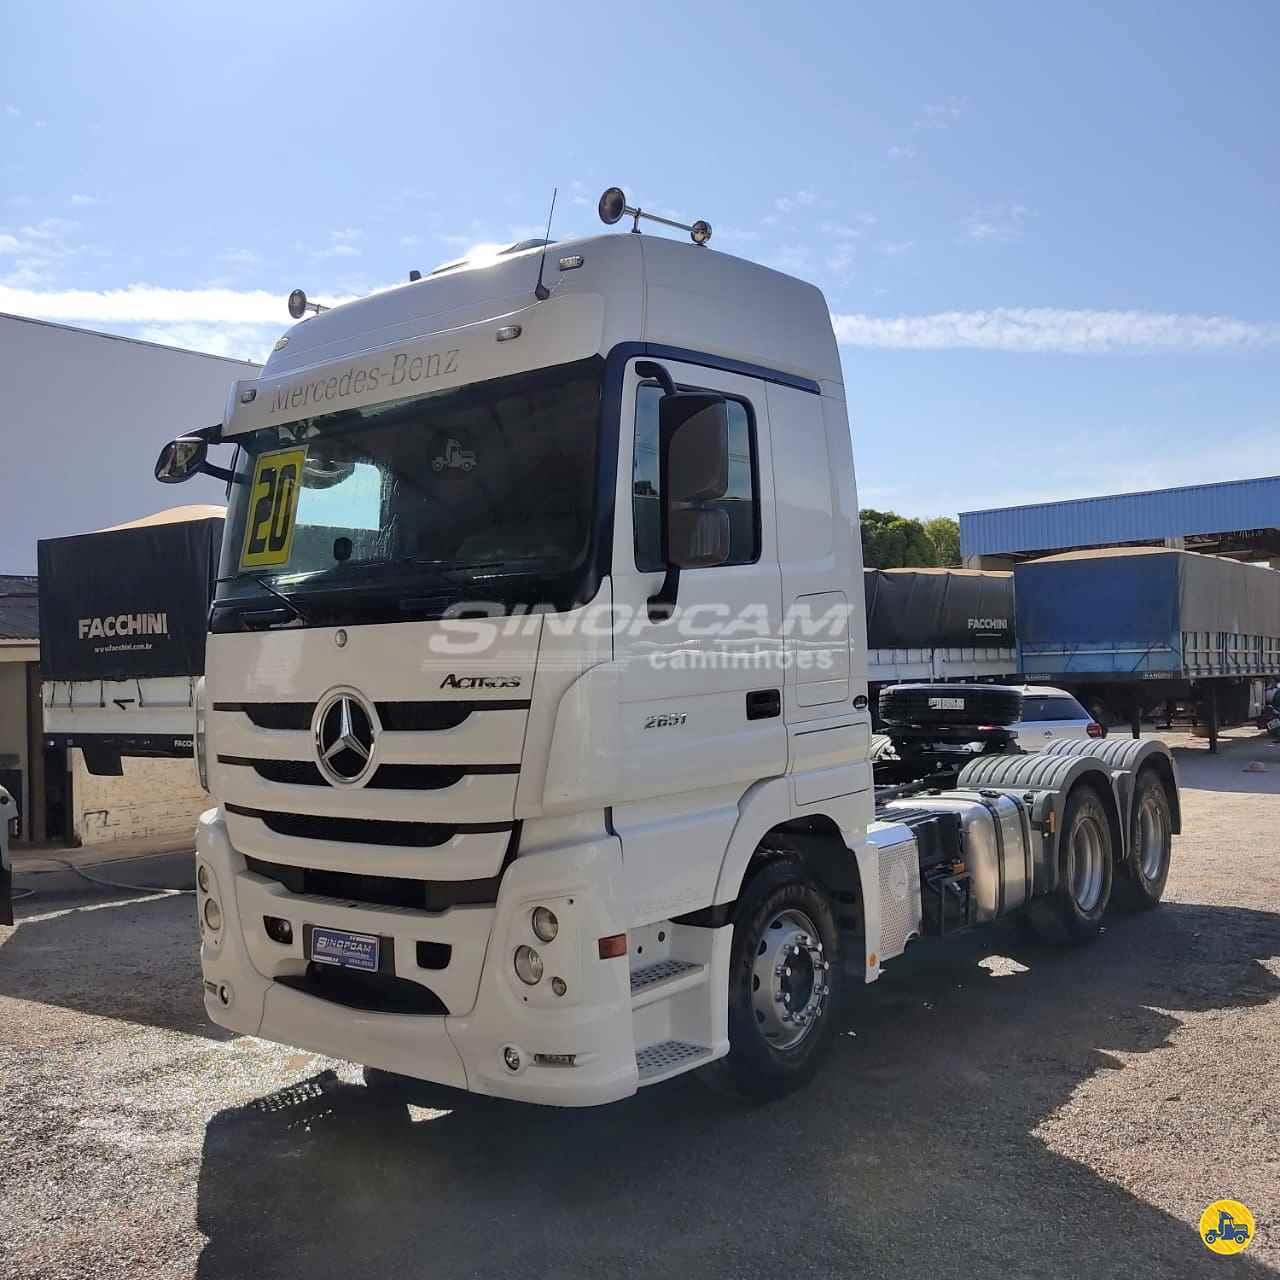 CAMINHAO MERCEDES-BENZ MB 2651 Cavalo Mecânico Traçado 6x4 SinopCam Caminhões SINOP MATO GROSSO MT